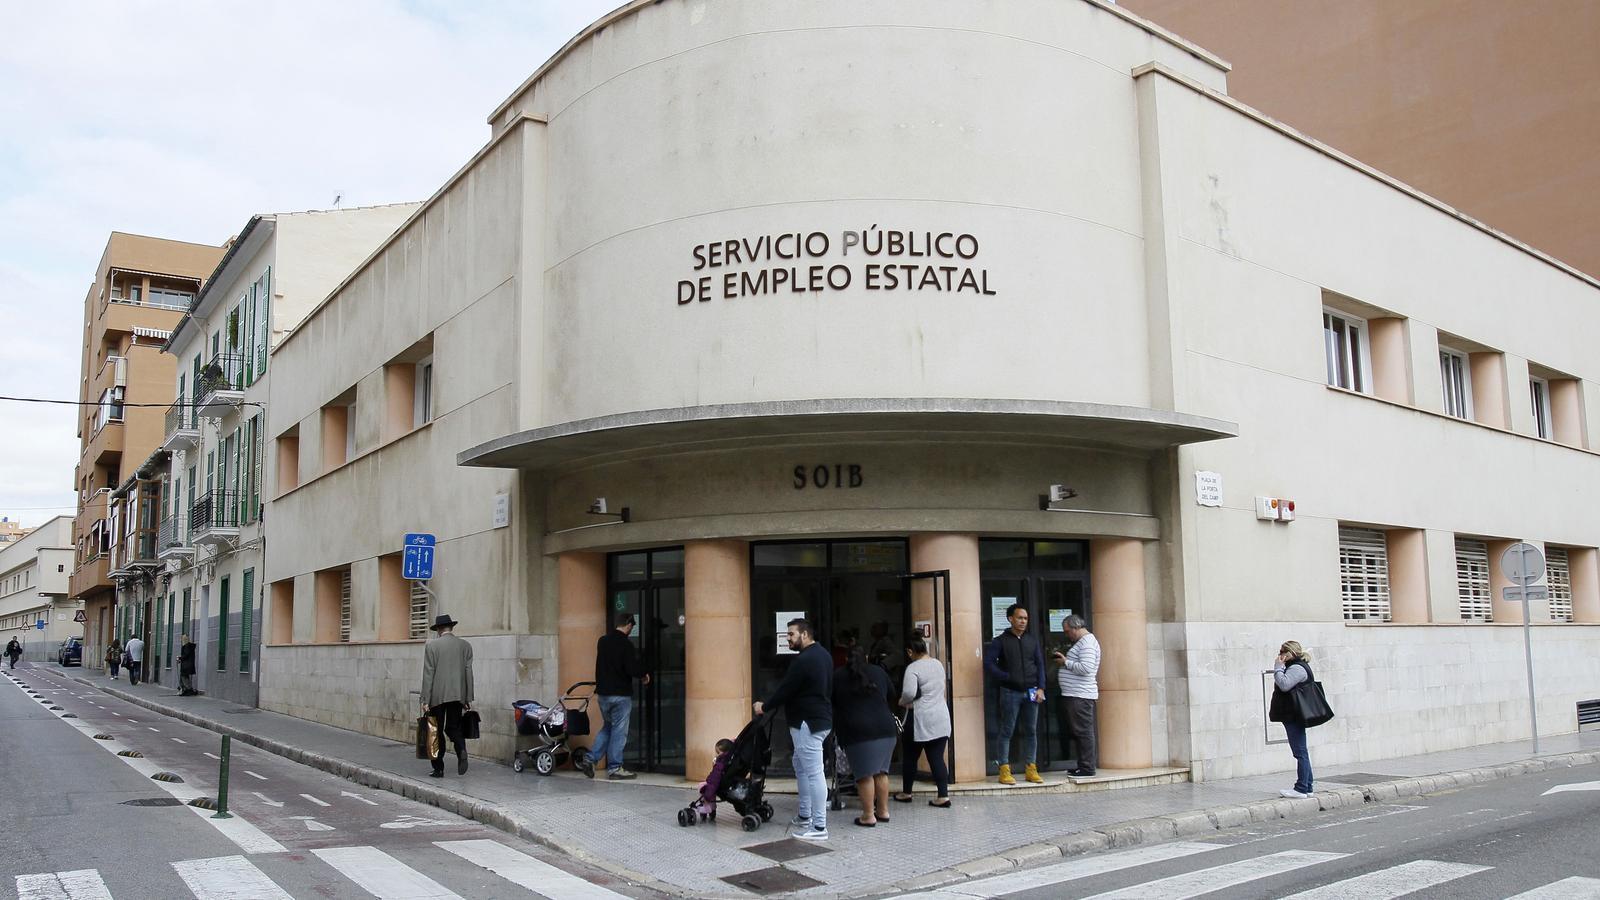 Entrada de l'edifici de Servei Públic d'Ocupació Estatal.